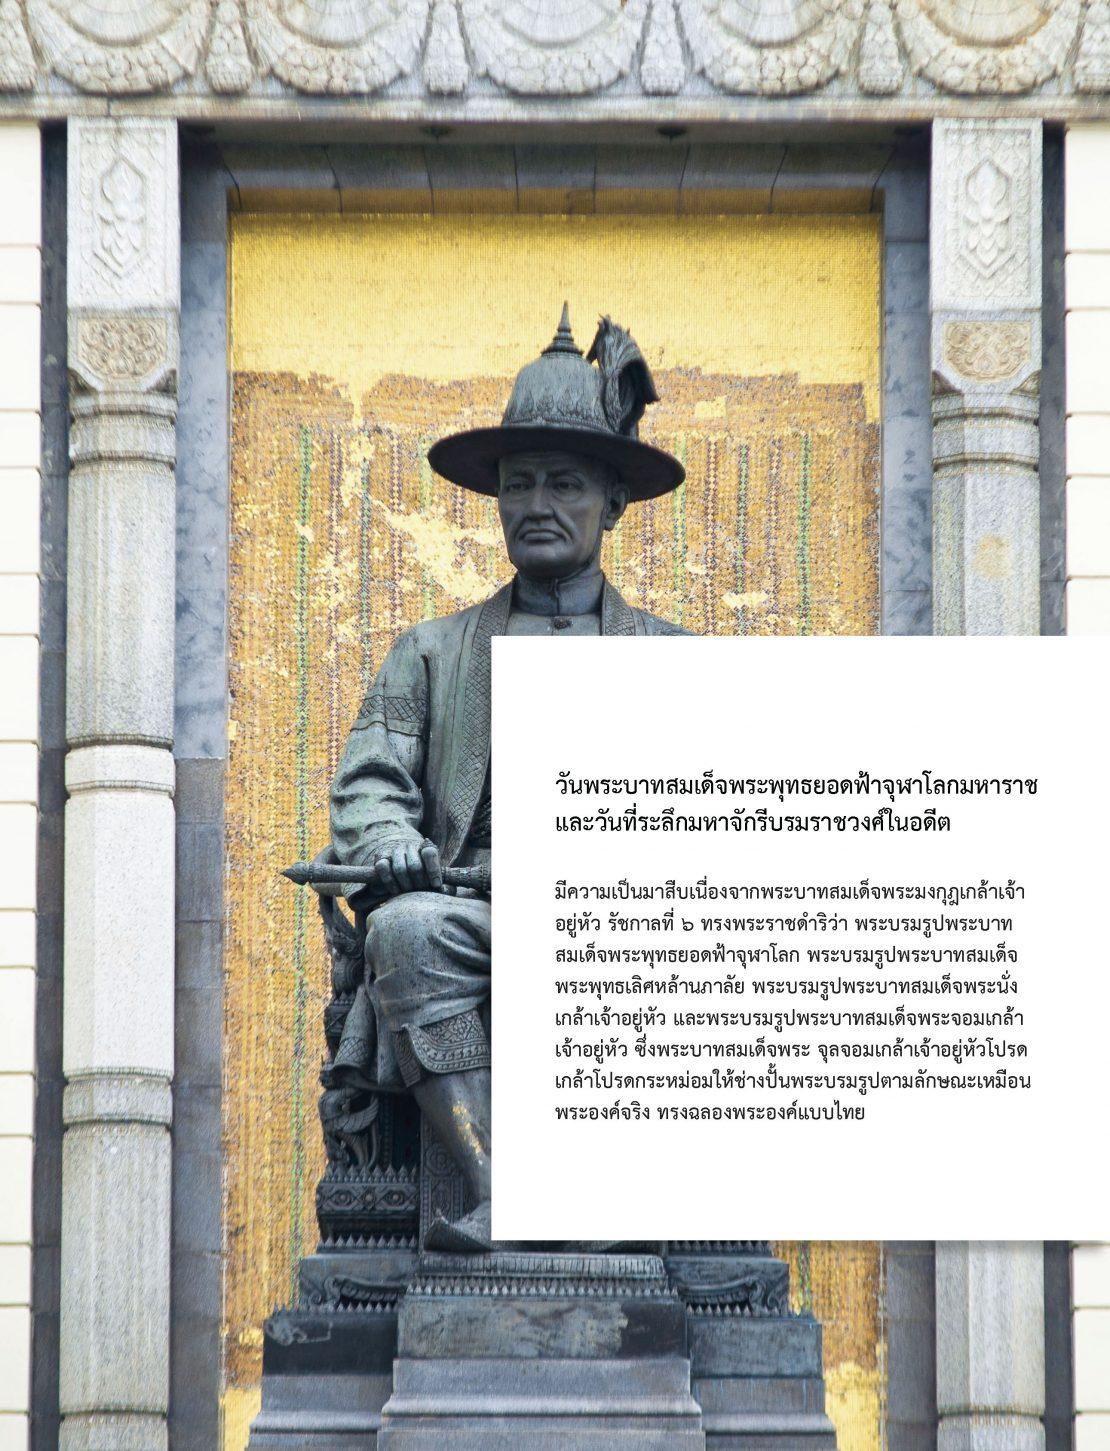 วันพระบาทสมเด็จพระพุทธยอดฟ้าจุฬาโลกมหาราช และวันที่ระลึกมหาจักรีบรมราชวงศ์ในอดีต